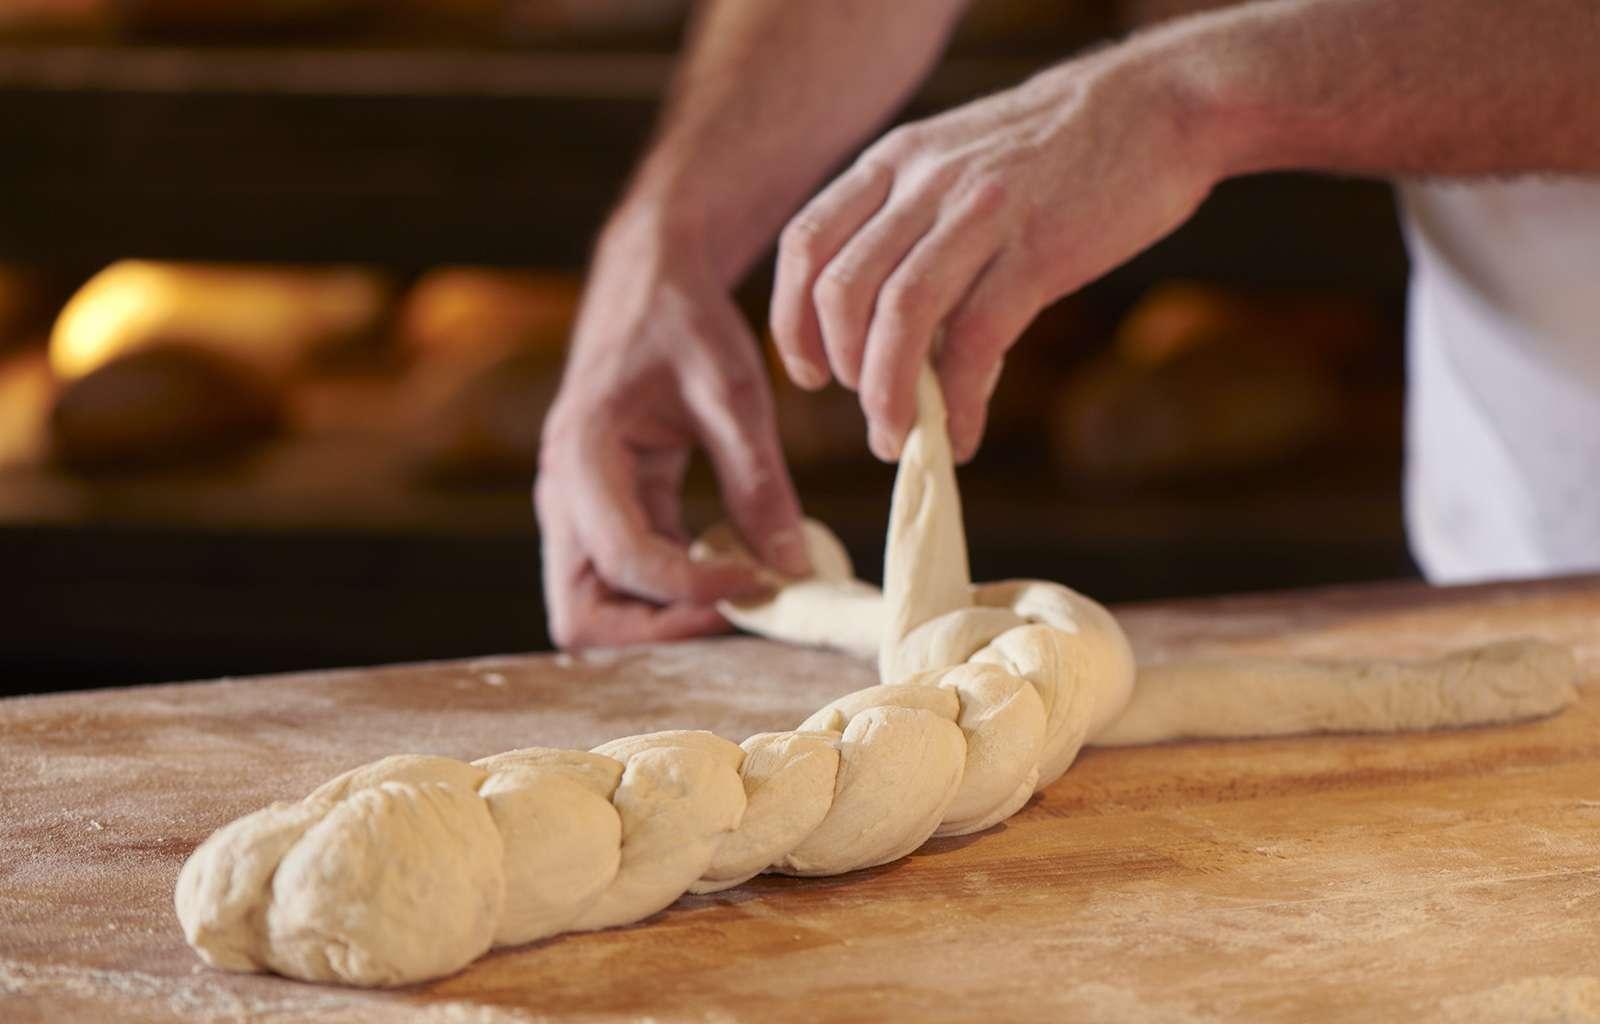 Teigherstellung - frisches Brot